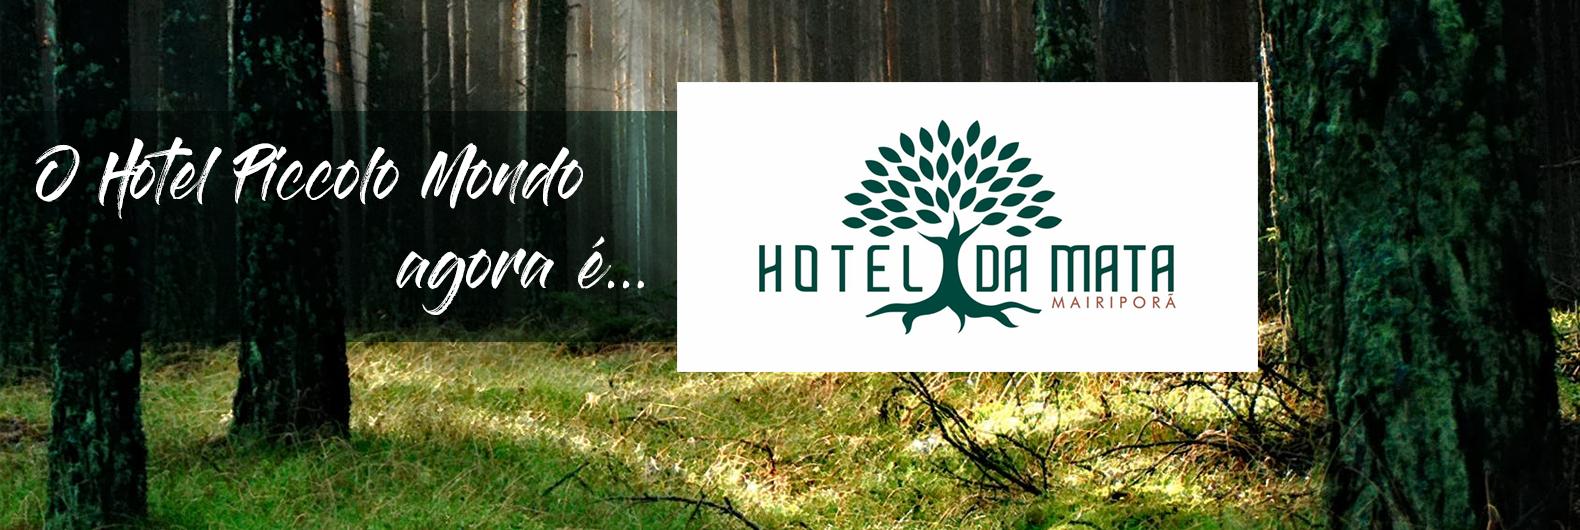 Hotel da Mata